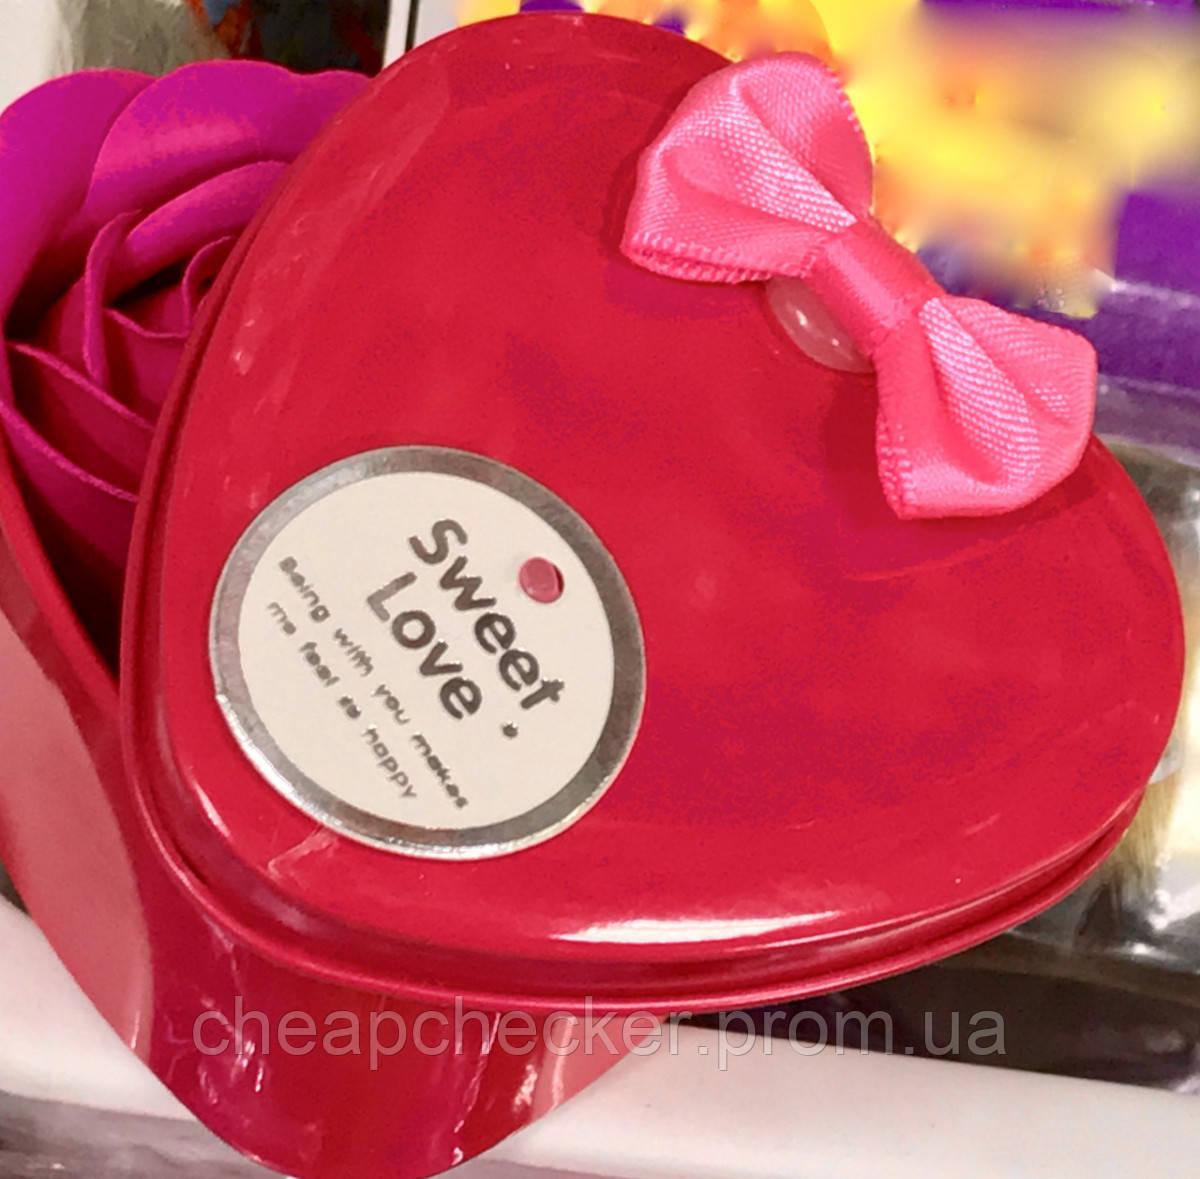 Мыло Роза для Ванной Лепестки Ароматические День Святого Валентина Любимой Сувенир Подарочная Упаковка